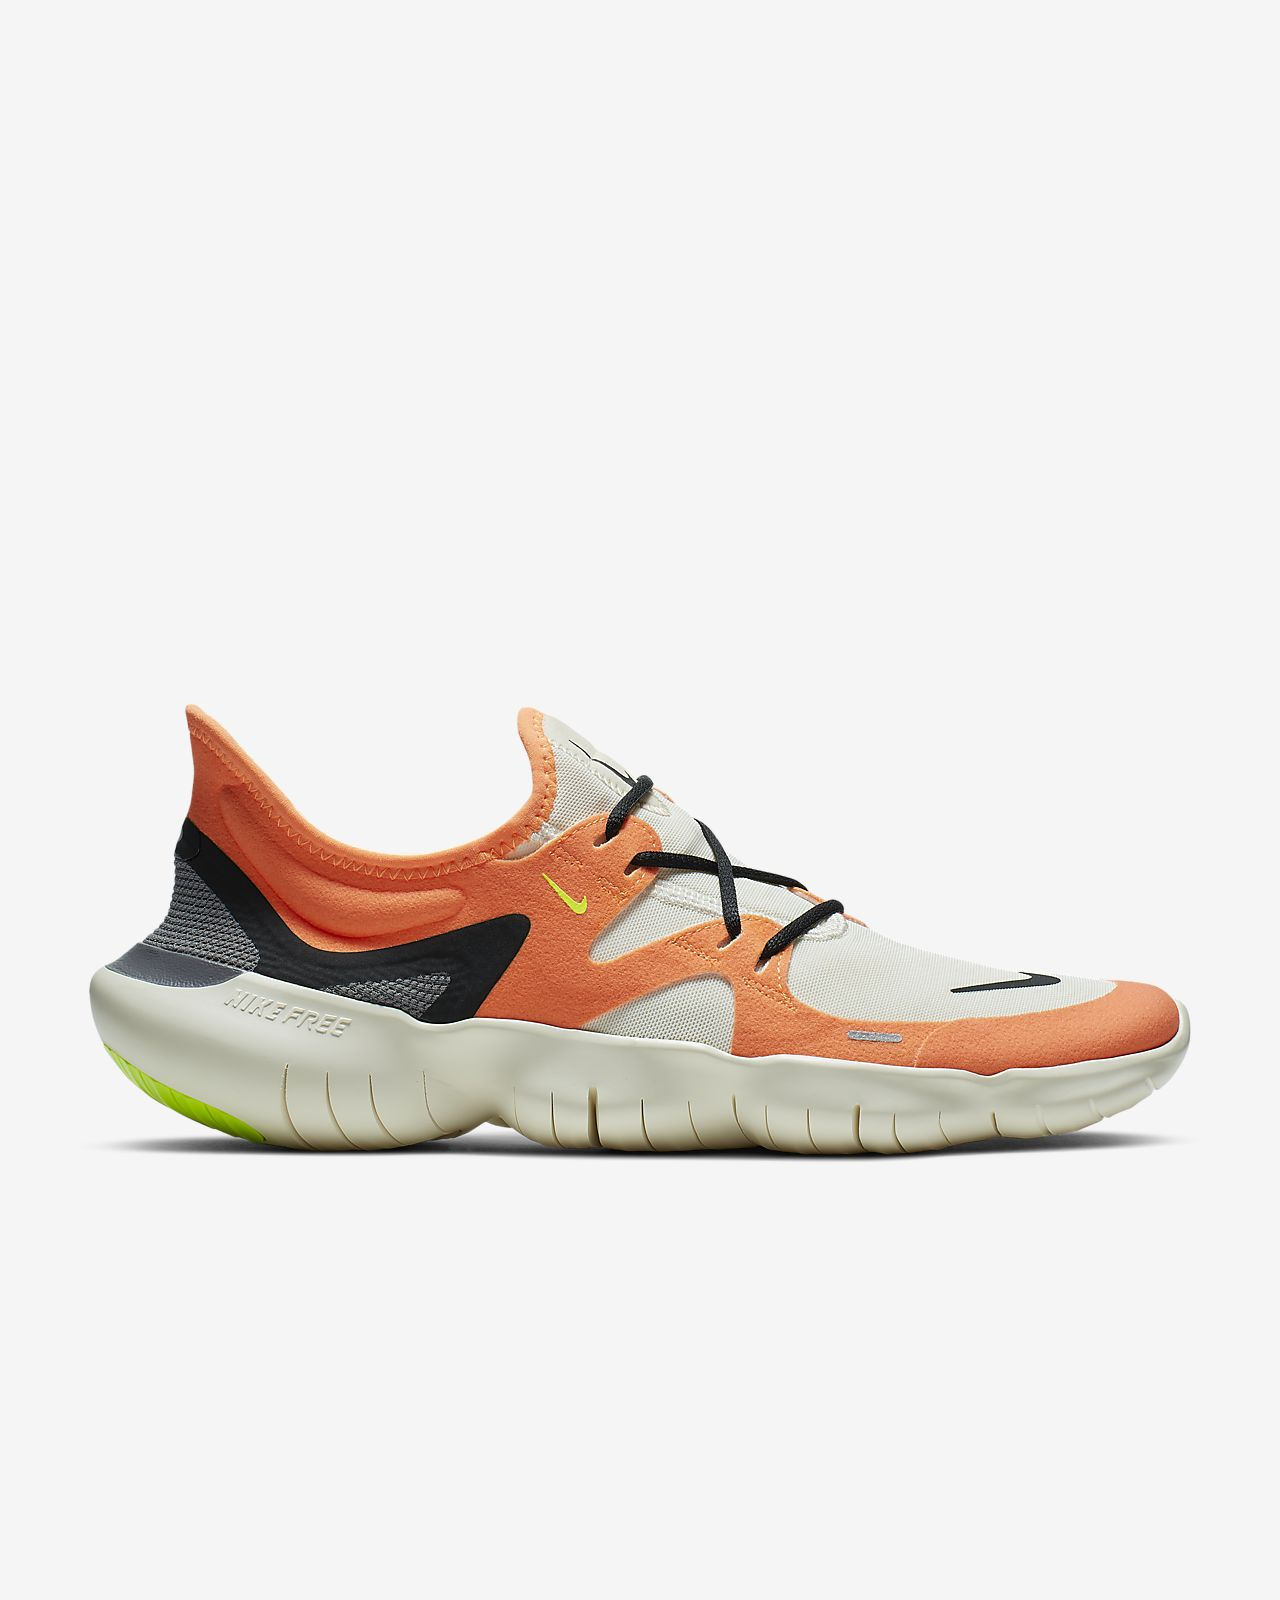 wholesale dealer b5209 09808 Men s Running Shoe. Nike Free RN 5.0 NRG